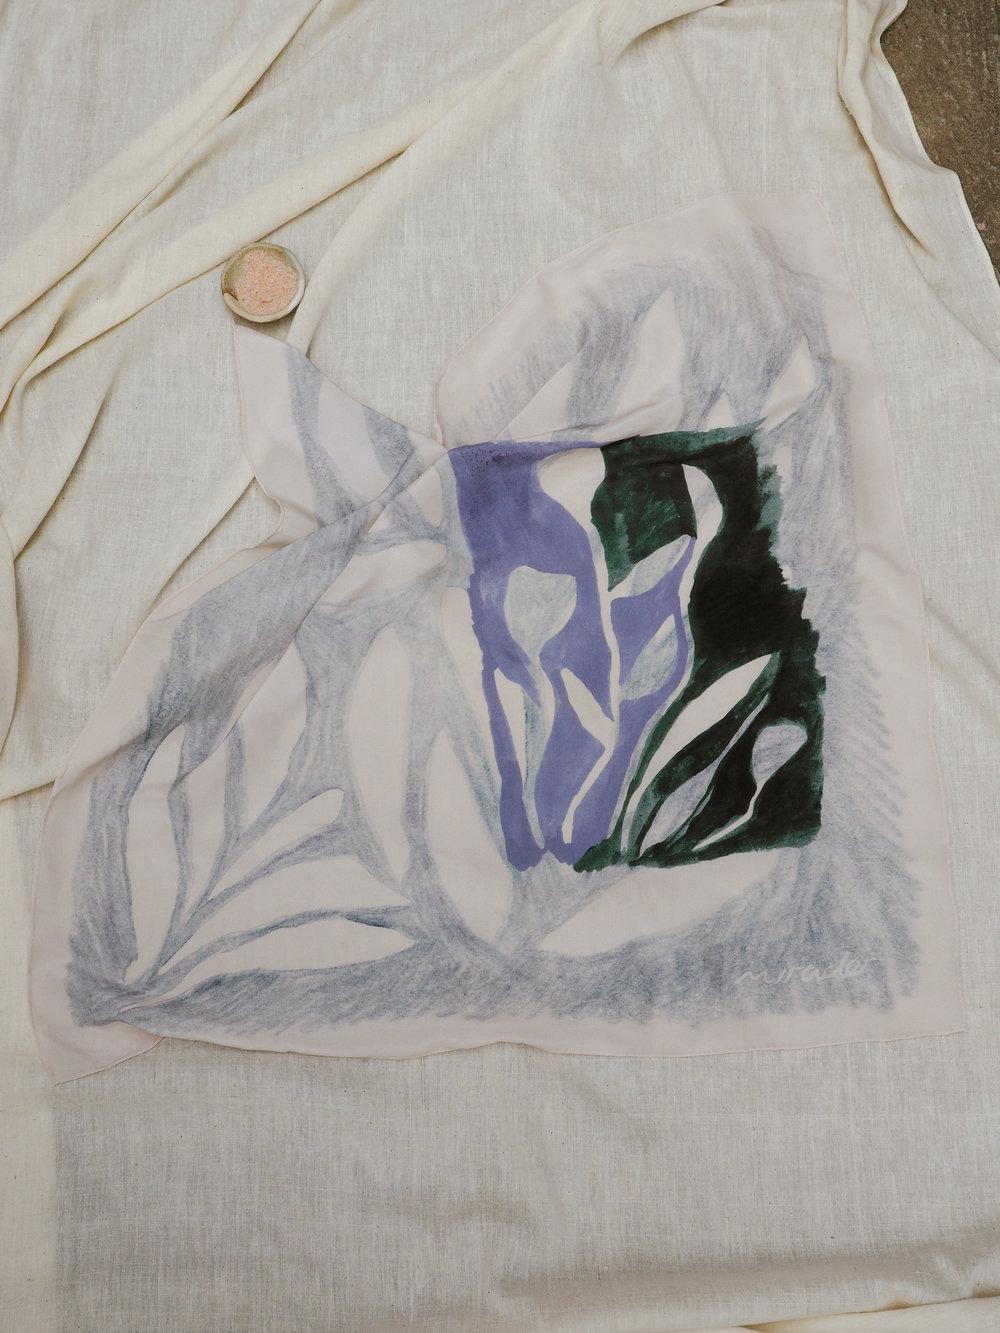 'Grey Gum' silk scarf by Mirador